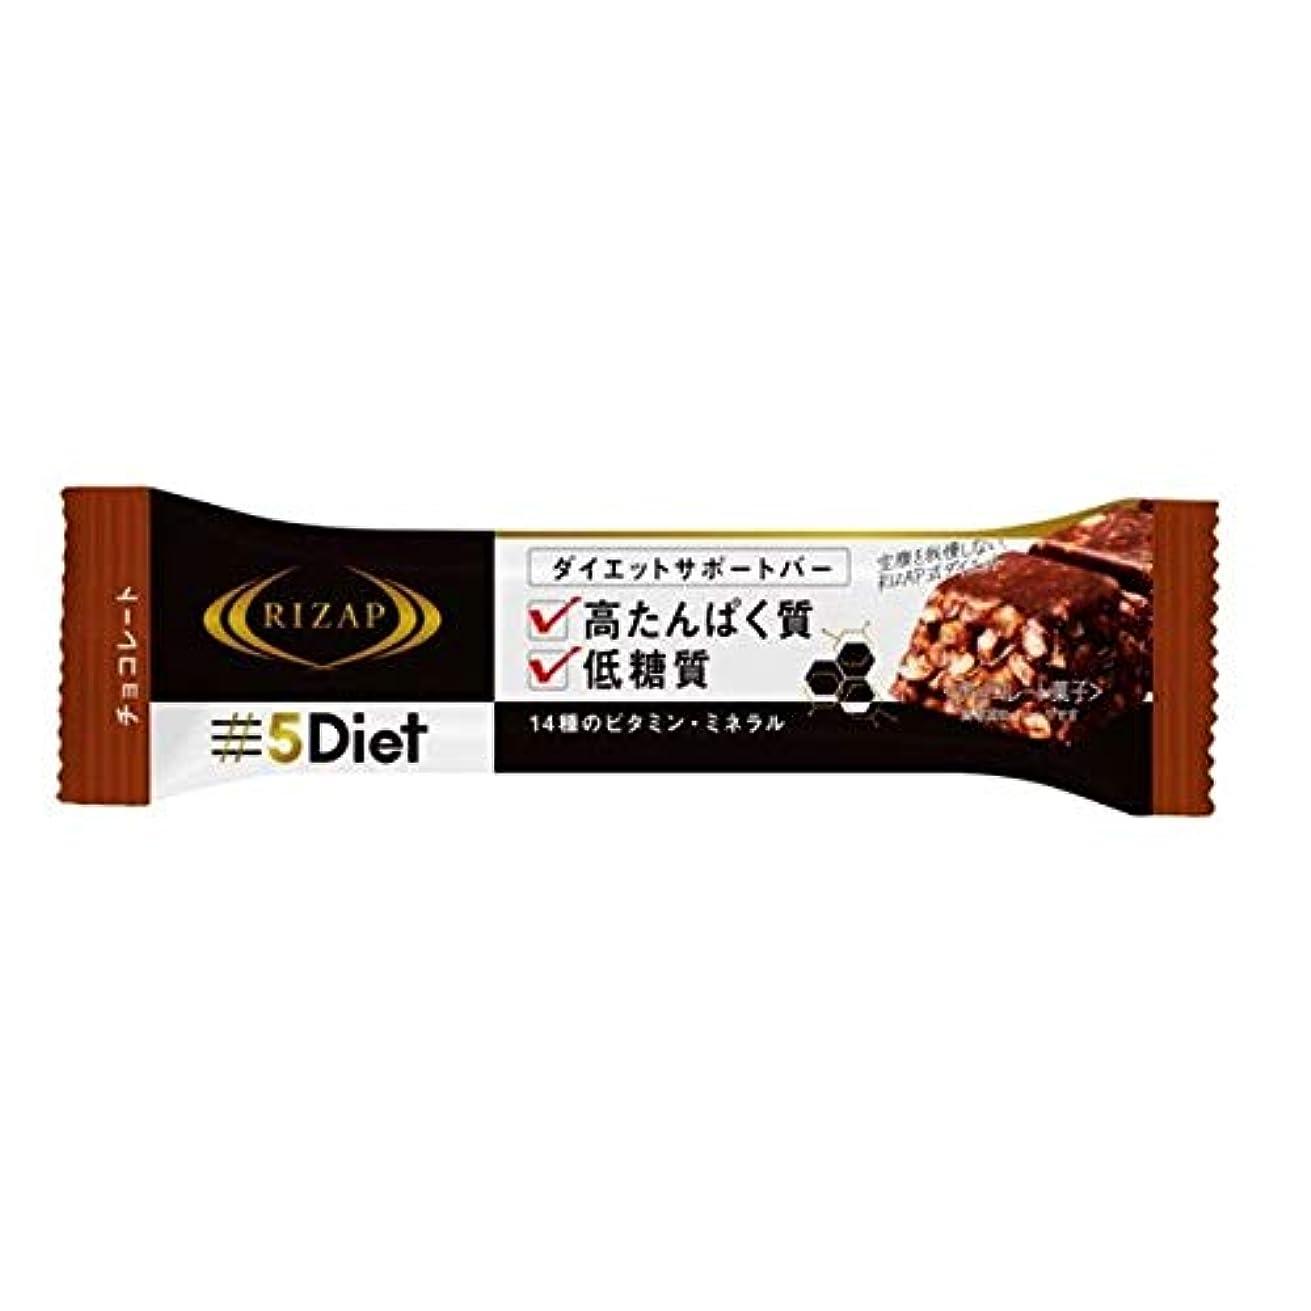 上昇弾性密度◆RIZAP(ライザップ) ダイエットサポートバー チョコレート 30g【6個セット】